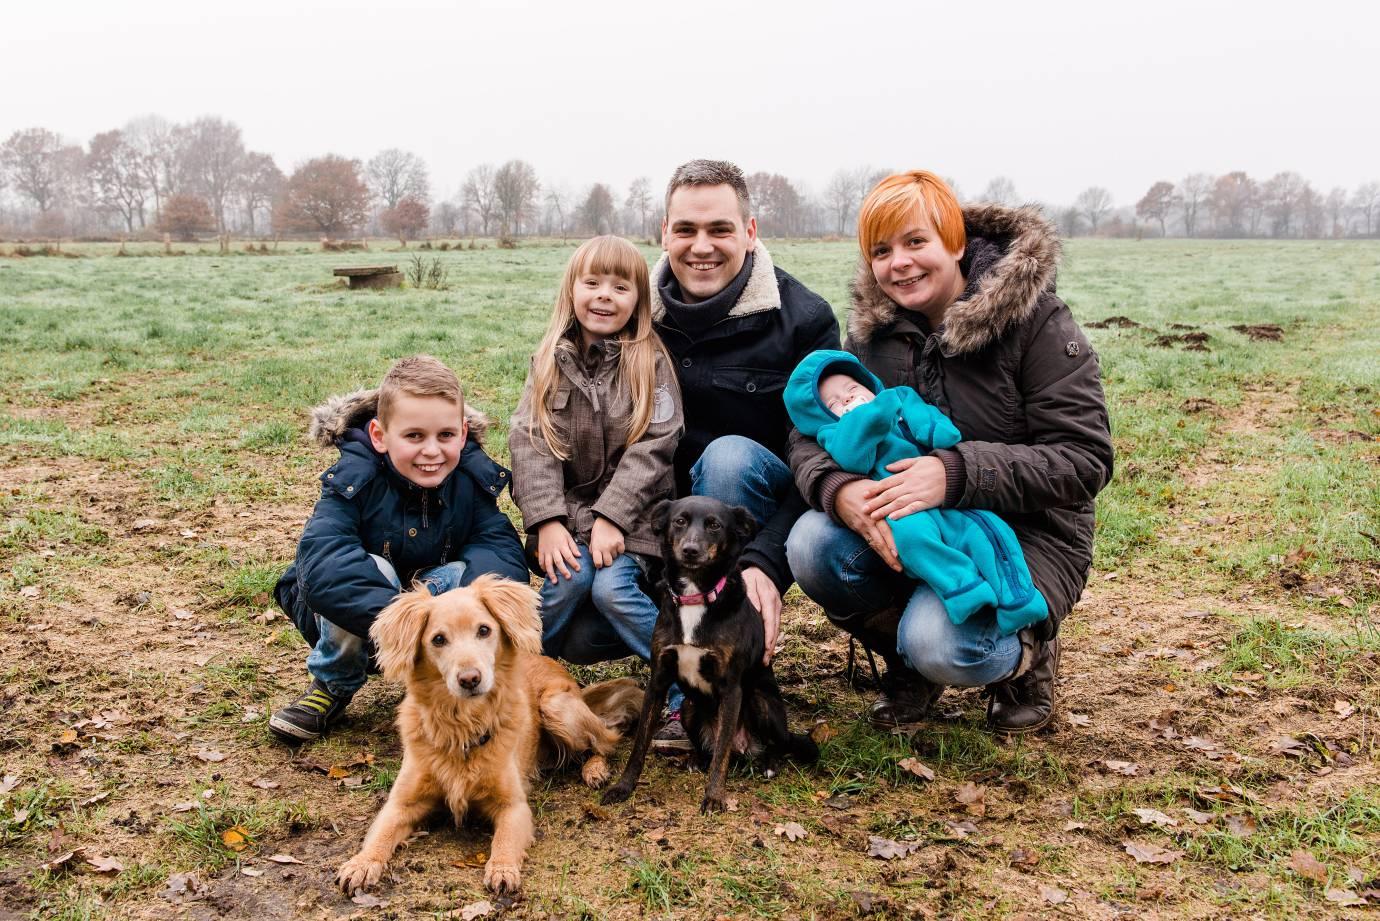 familienfotos ohz 16 - Familienfotos von Familie Schmidt